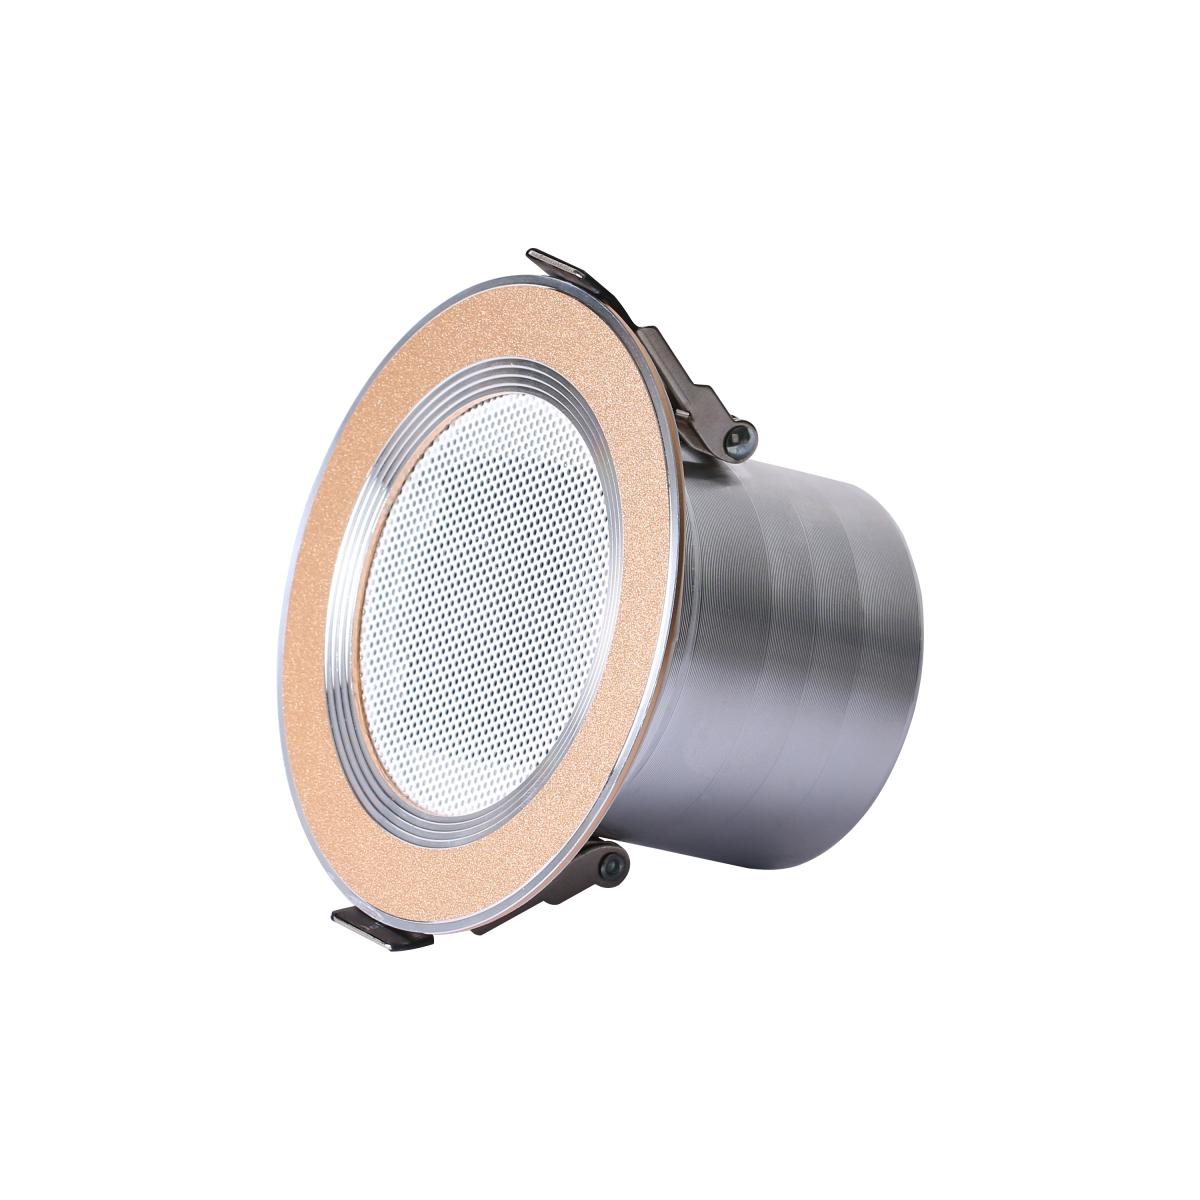 亿佳音3寸筒灯吸顶喇叭JY-308智能背景音乐主机音箱